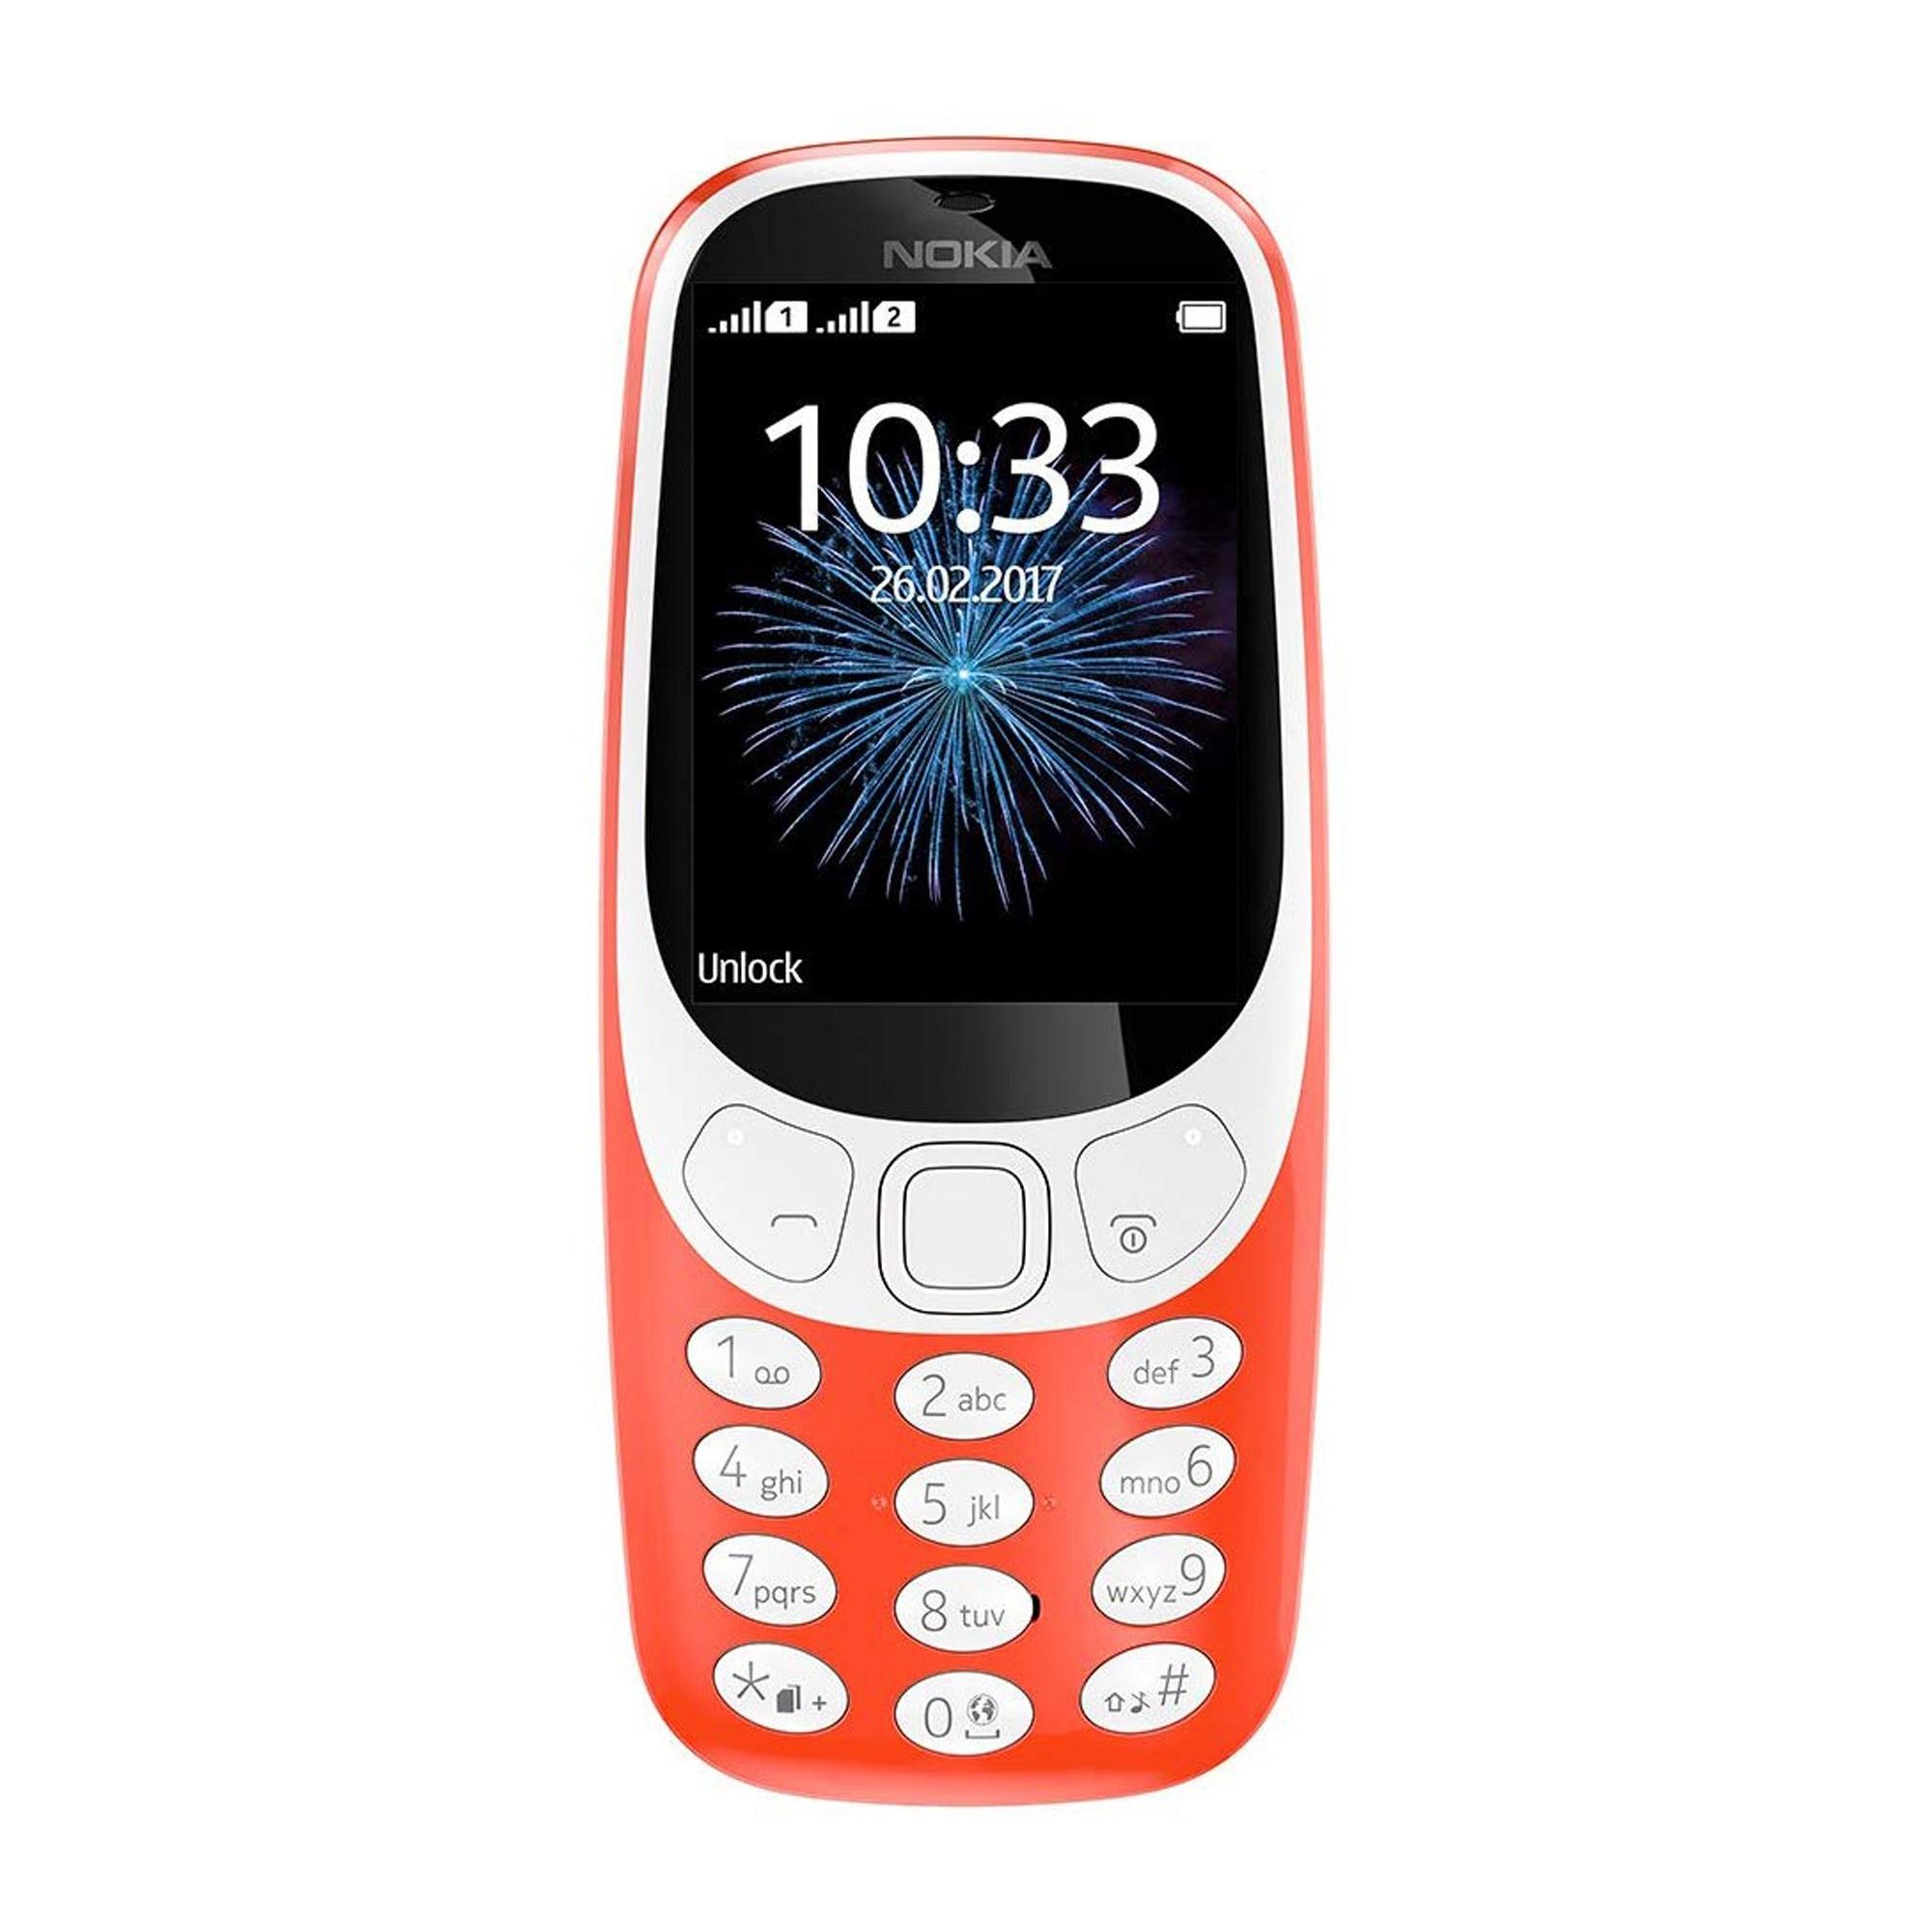 عکس Nokia 3310 – گوشی موبایل N 3310 نوکیا  nokia-3310-گوشی-موبایل-n-3310-نوکیا